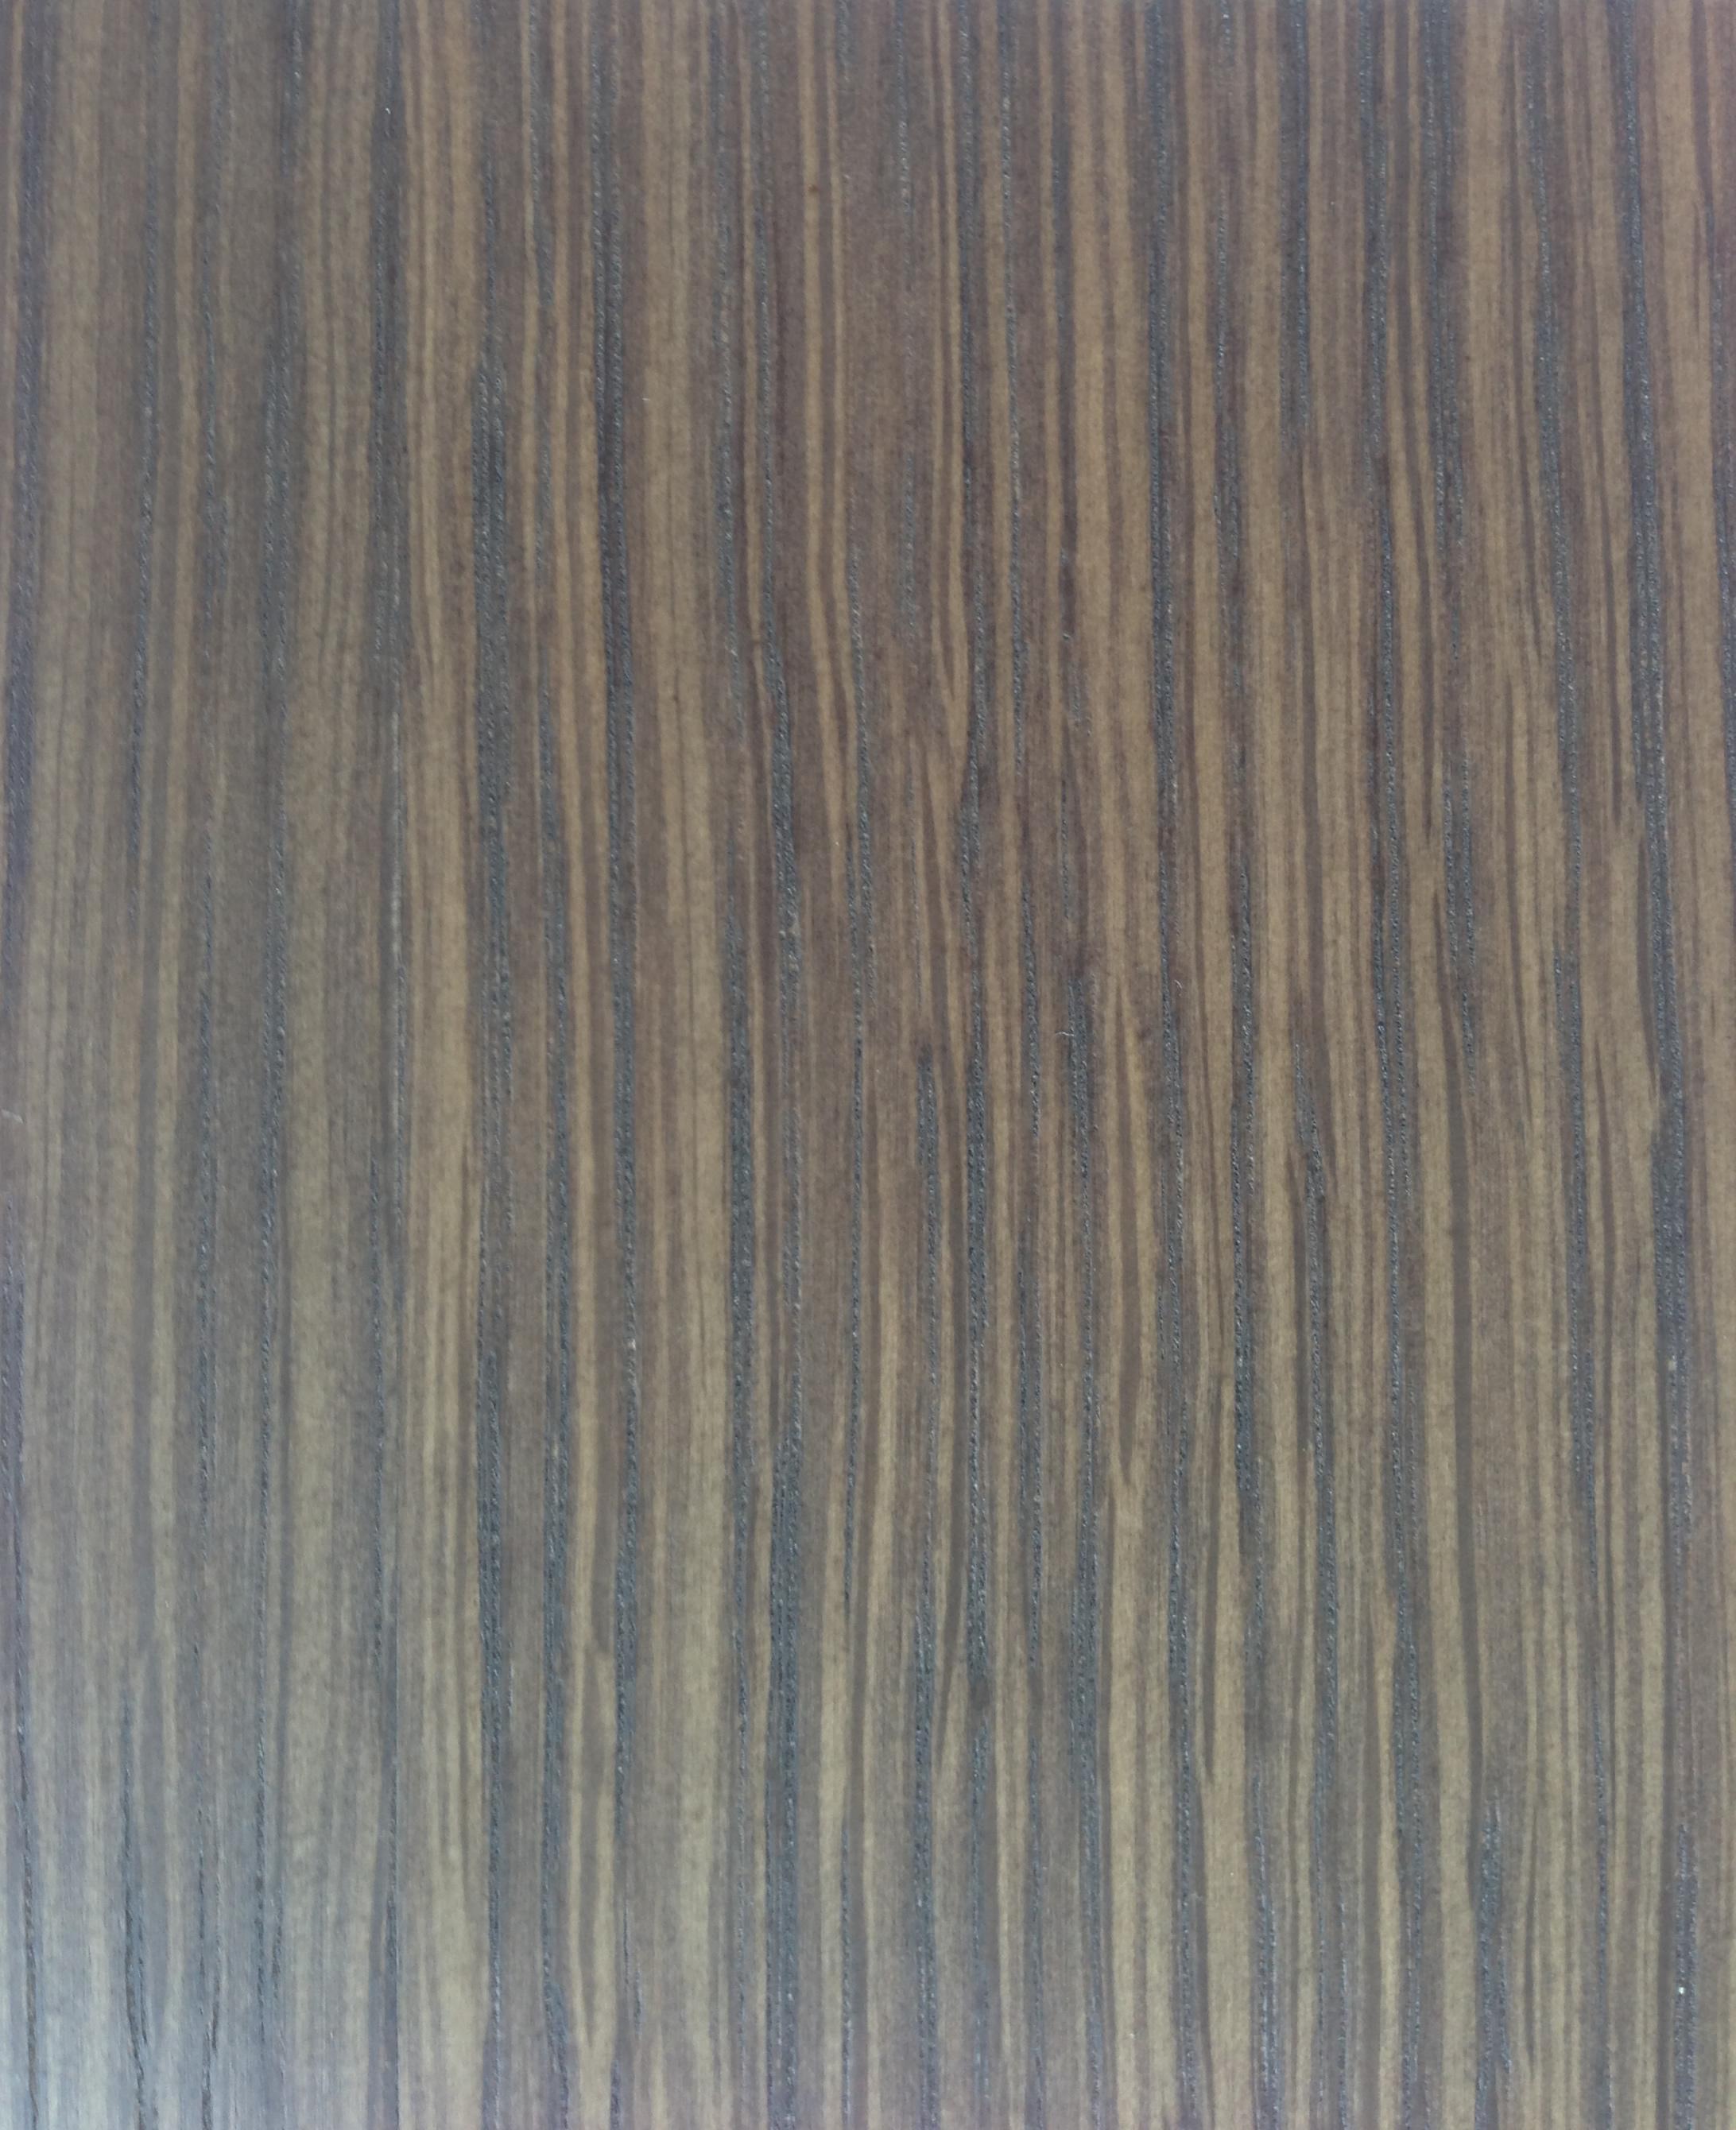 white-oak-rift-110103_8354134685_o